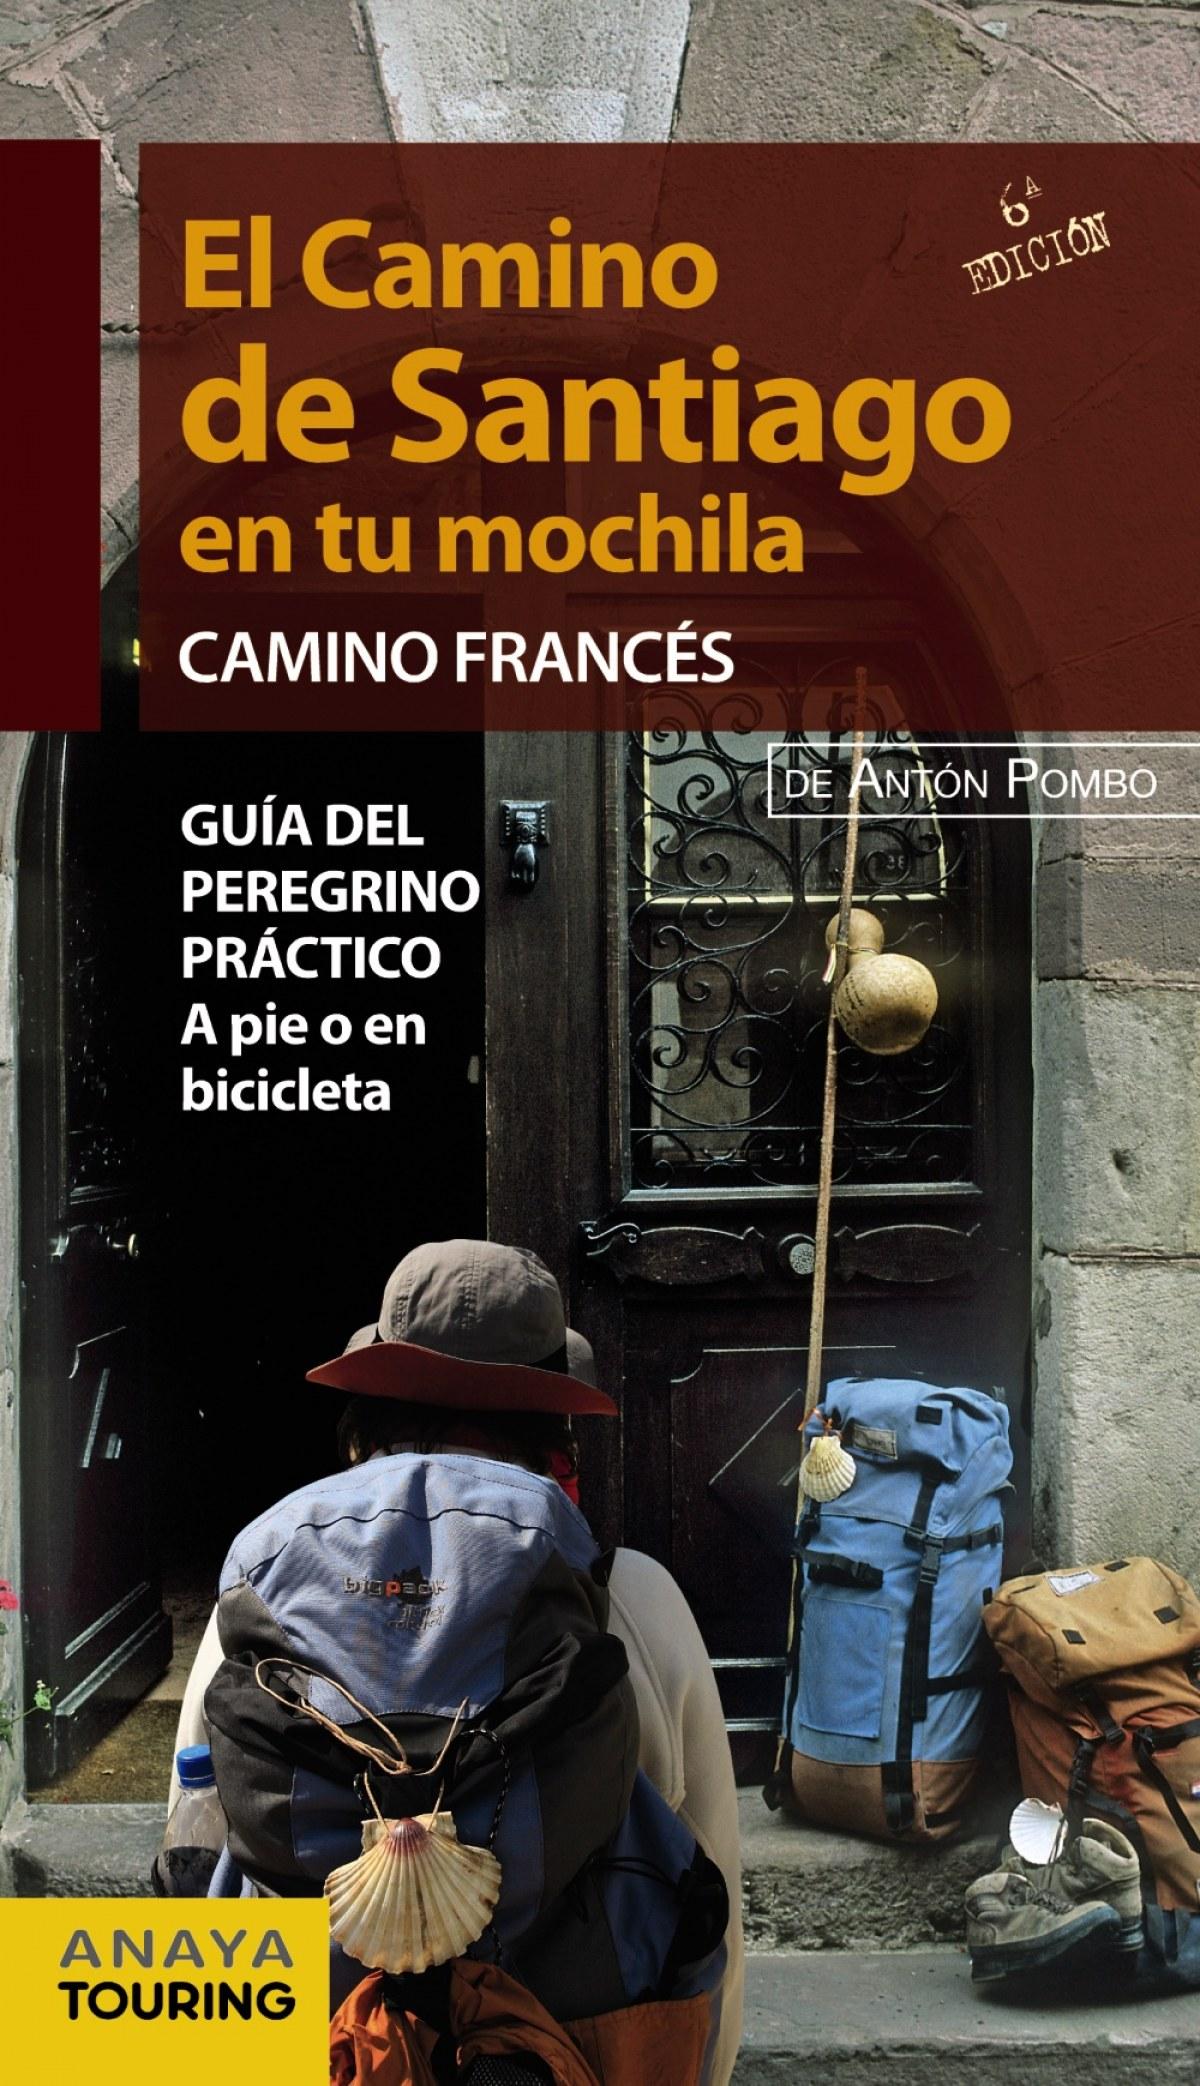 Camino francés: El camino de Santiago en tu mochila